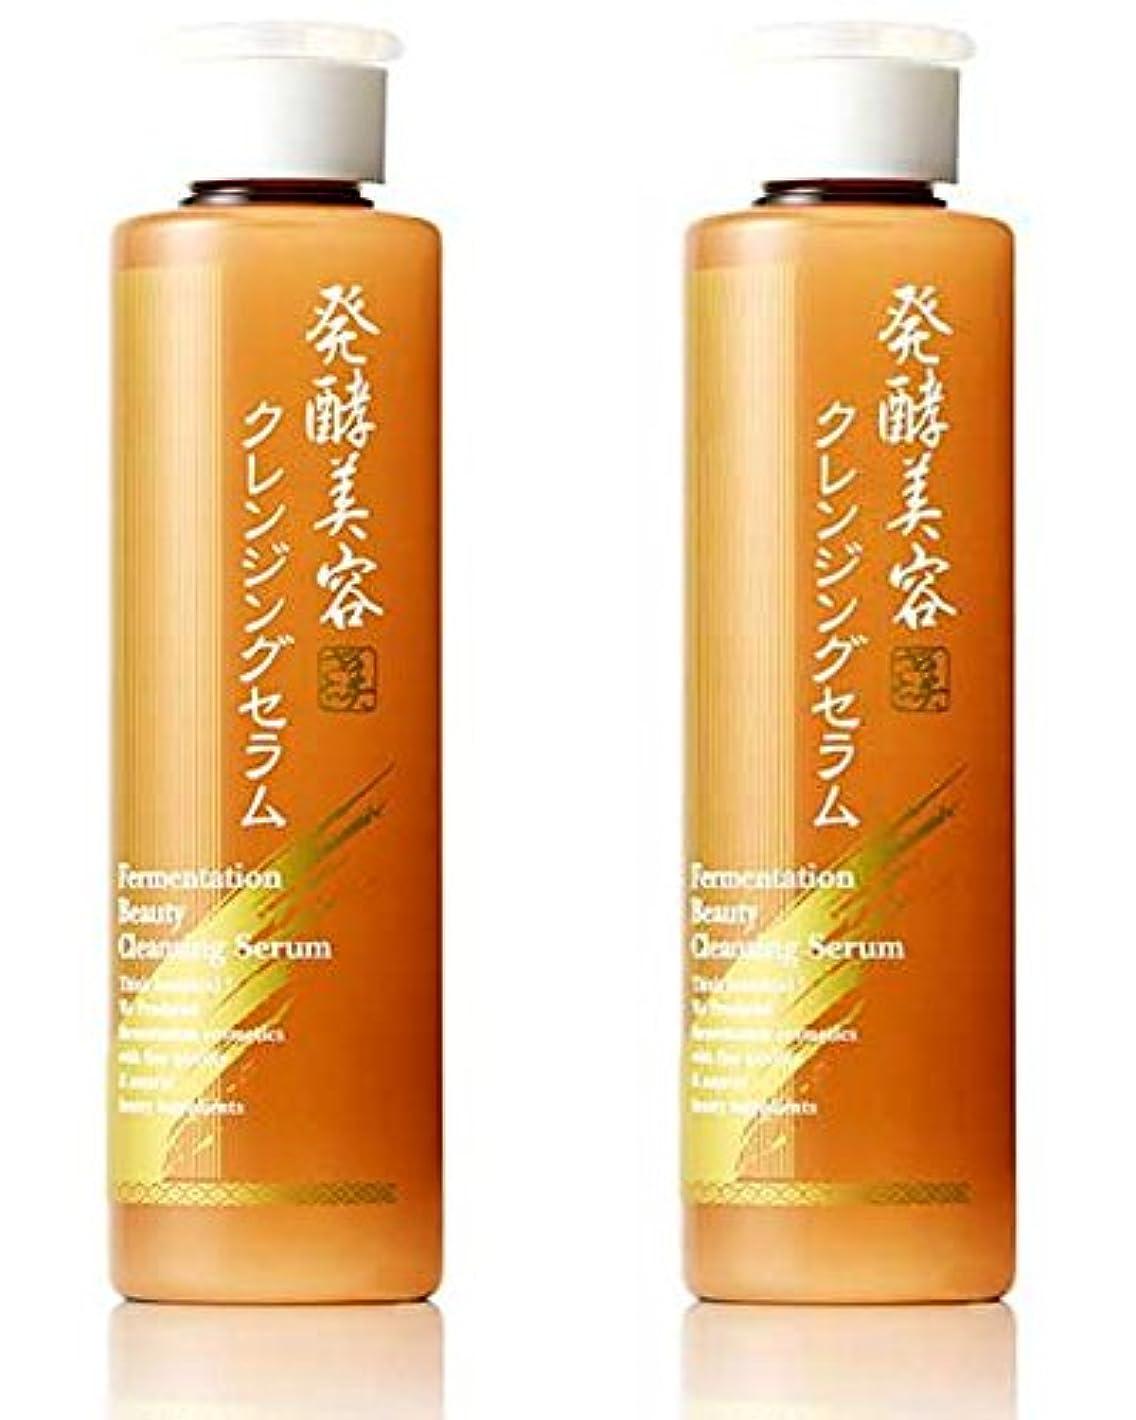 小康予定小康美さを 発酵美容クレンジングセラム 2個セット(クレンジングウォーター美容液)